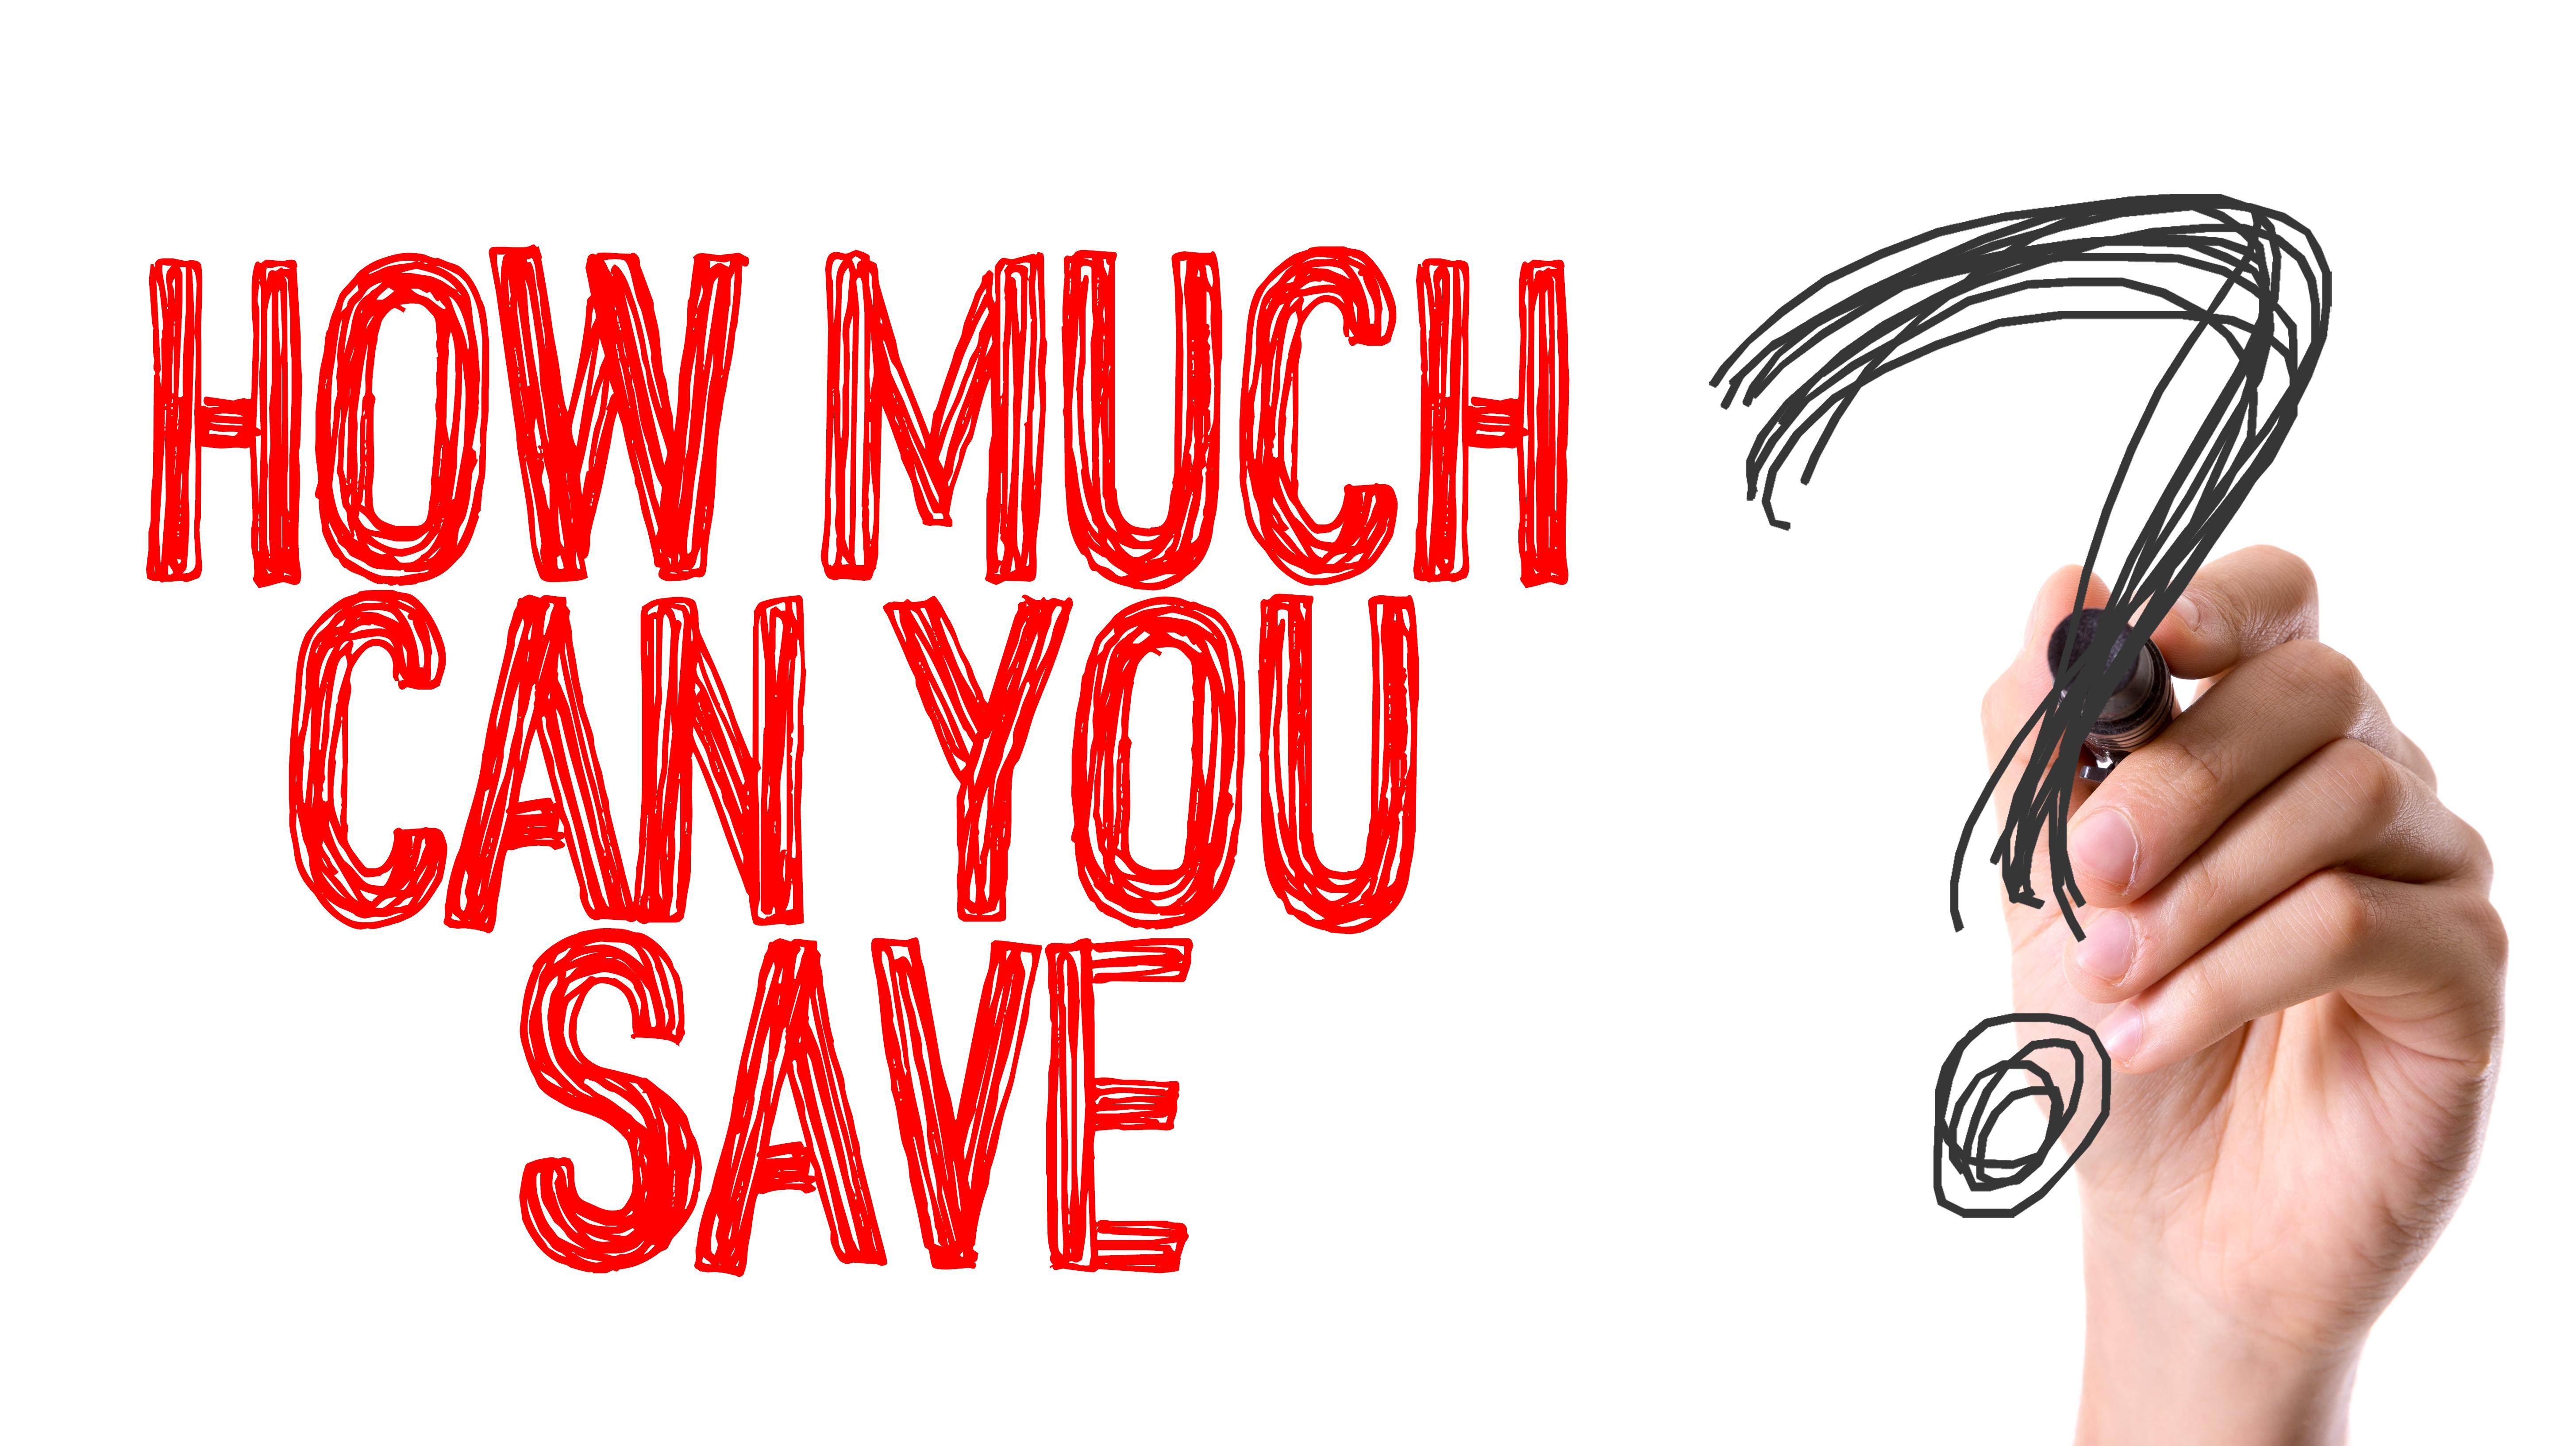 Save on Employee Benefits